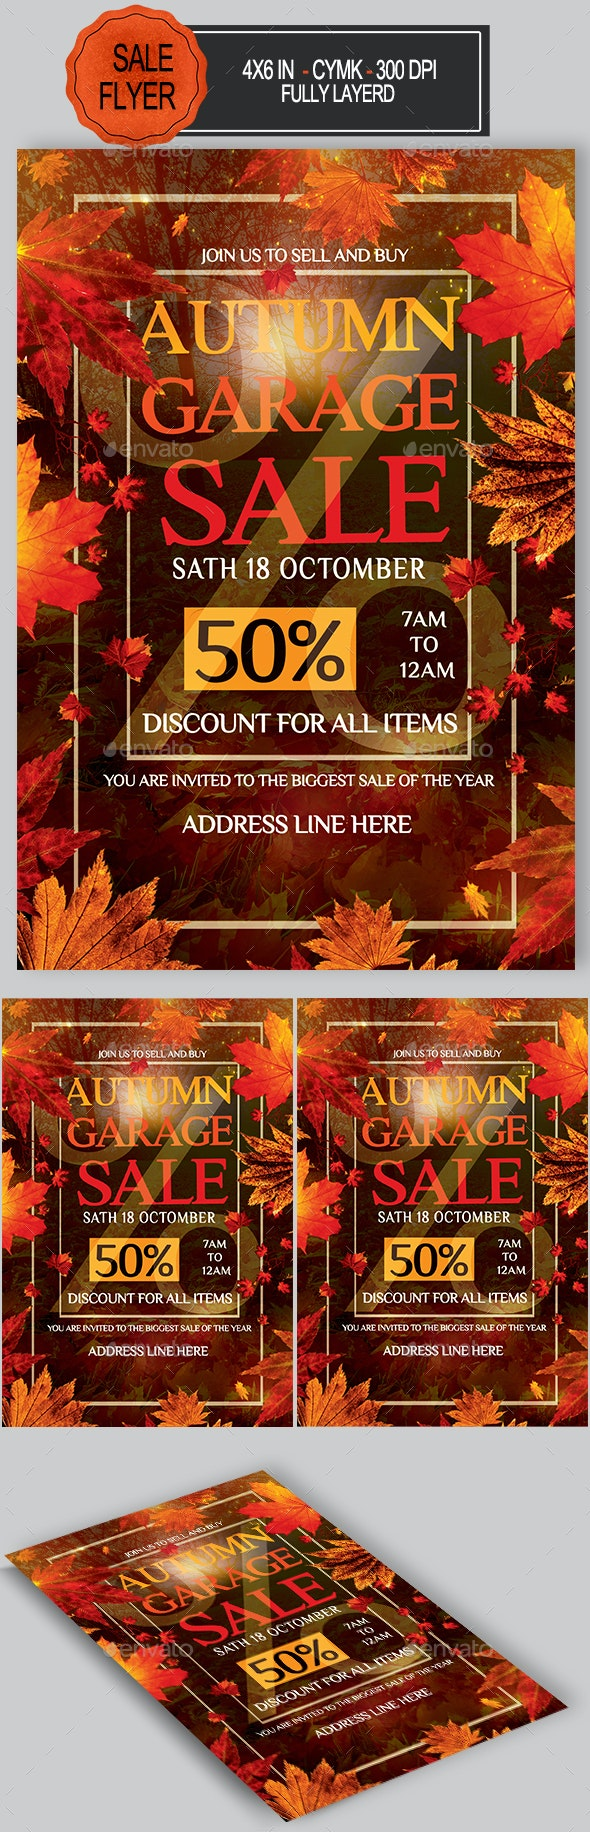 Autumn Garage Sale Flyer - Commerce Flyers